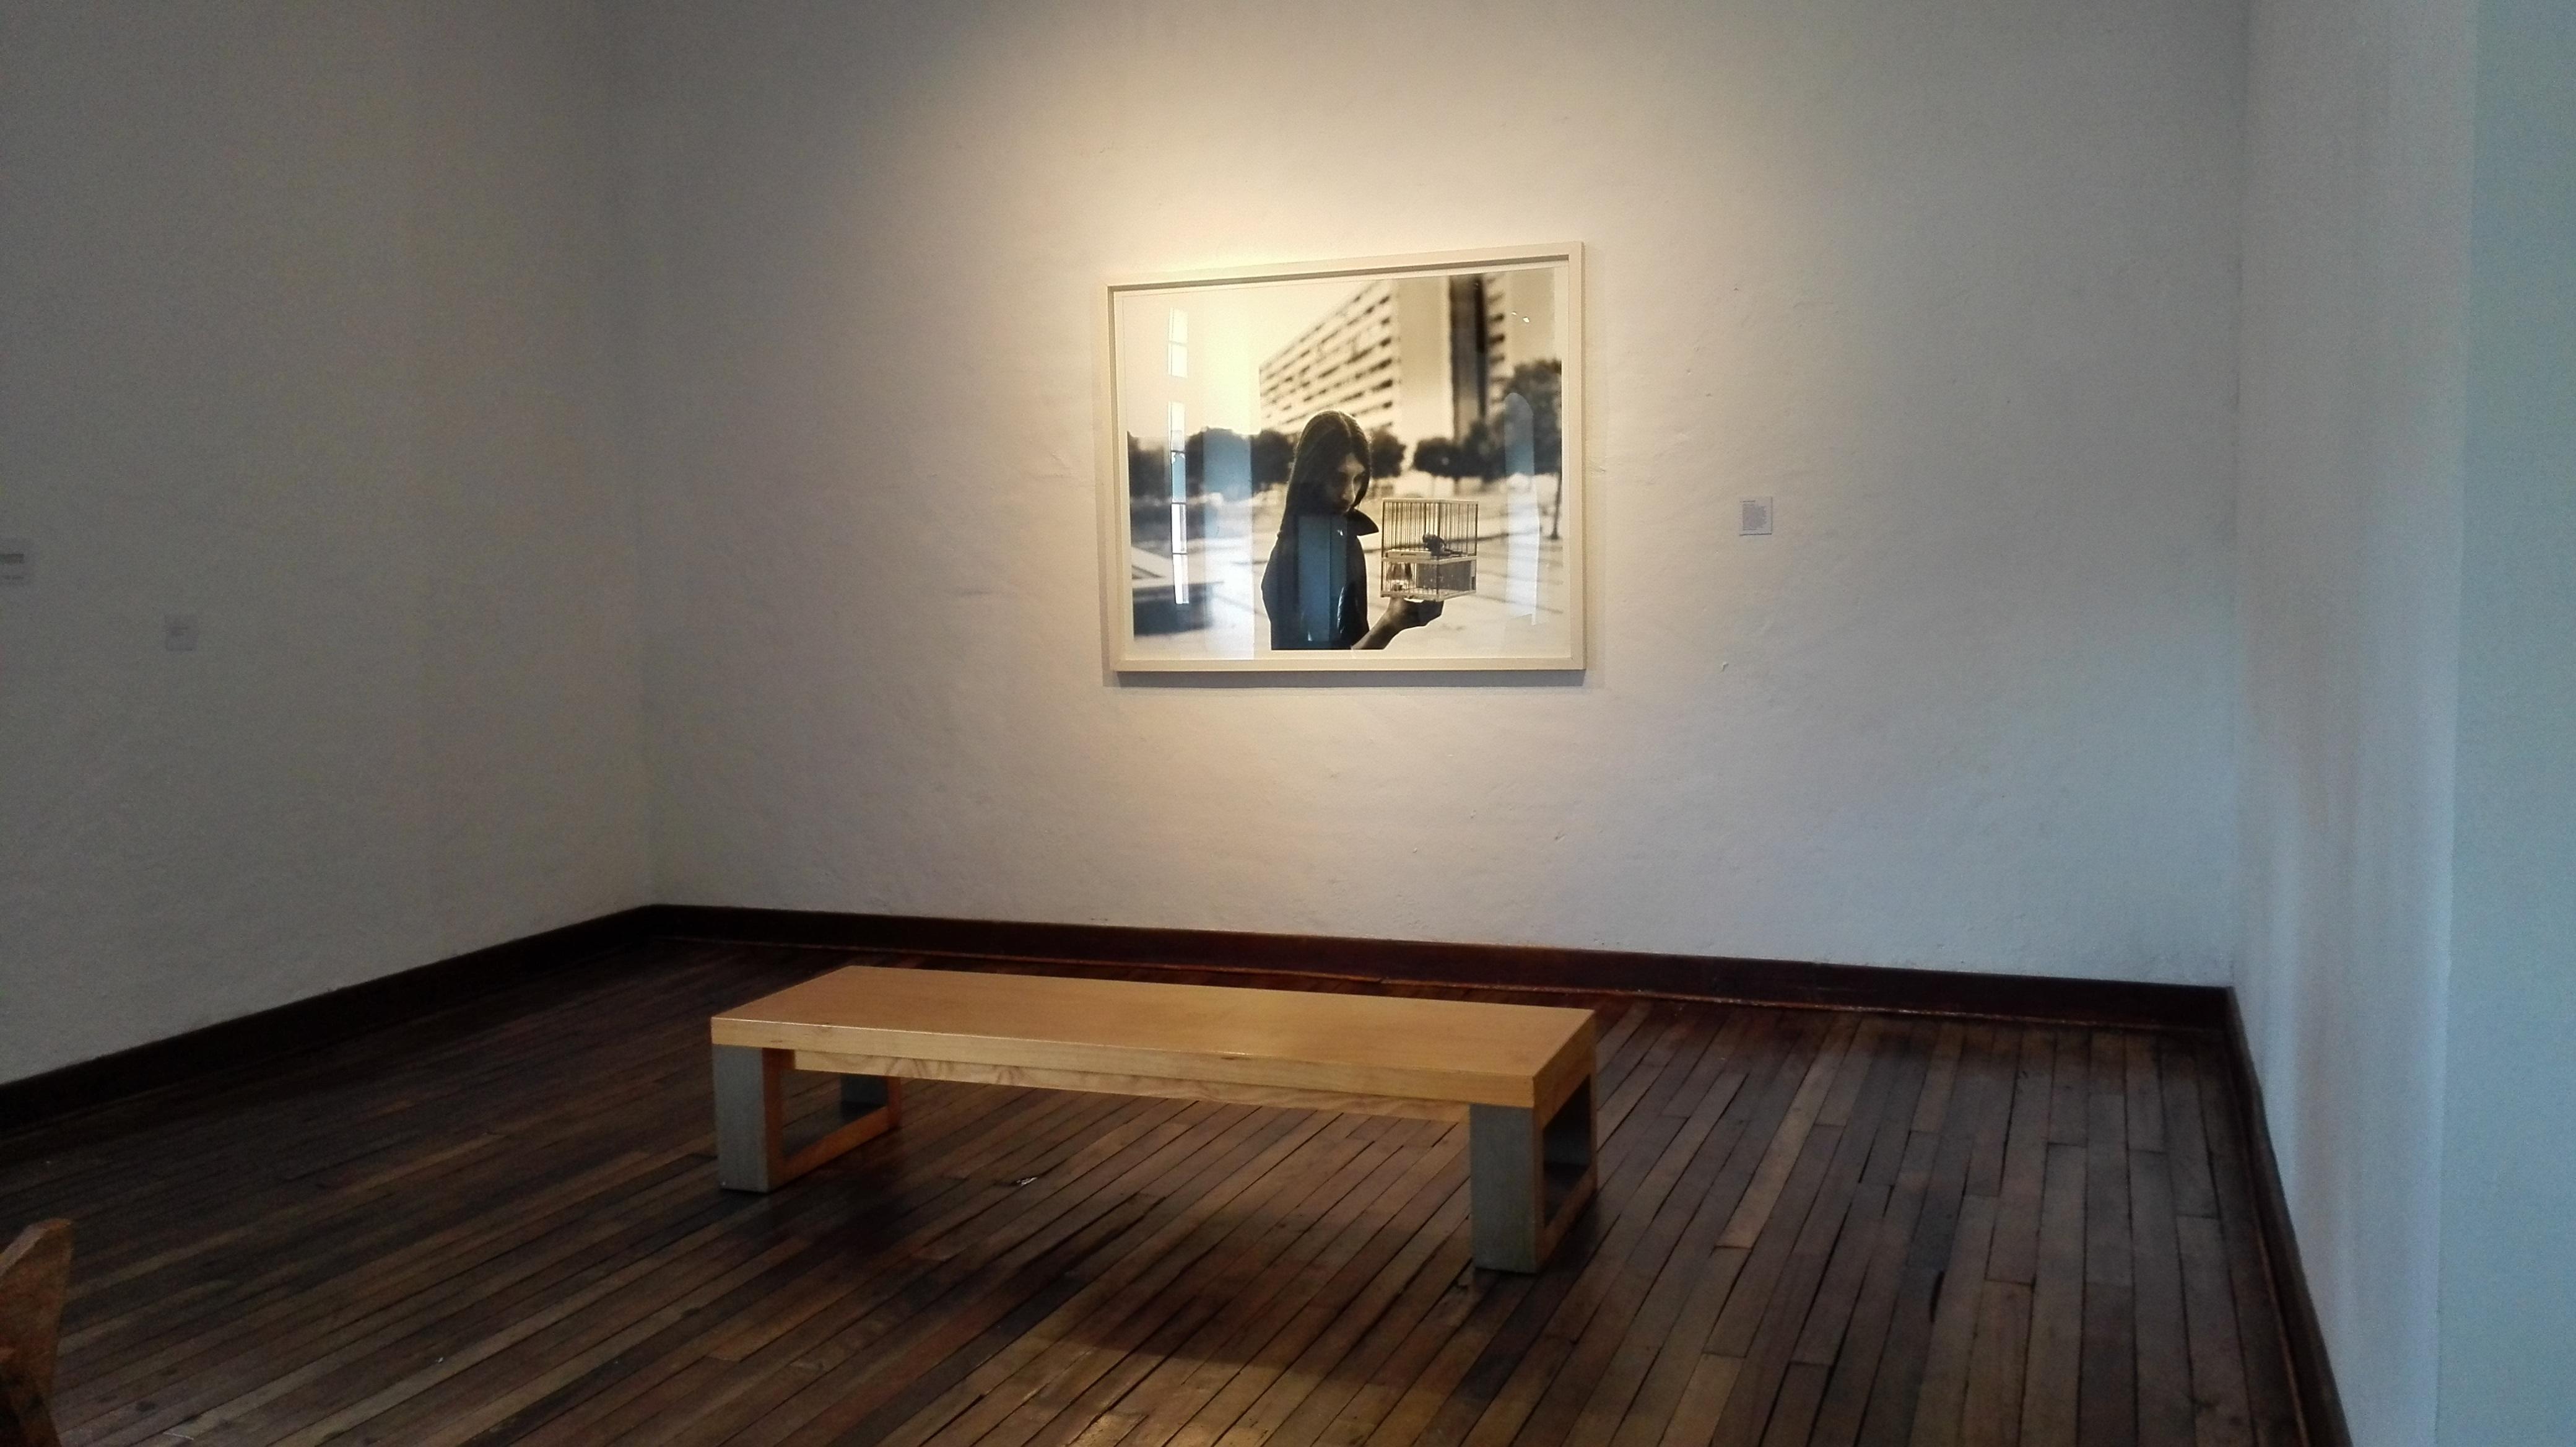 Fotos Gratis Madera Casa Silla Piso Hora Perspectiva Museo  # Muebles Soledad